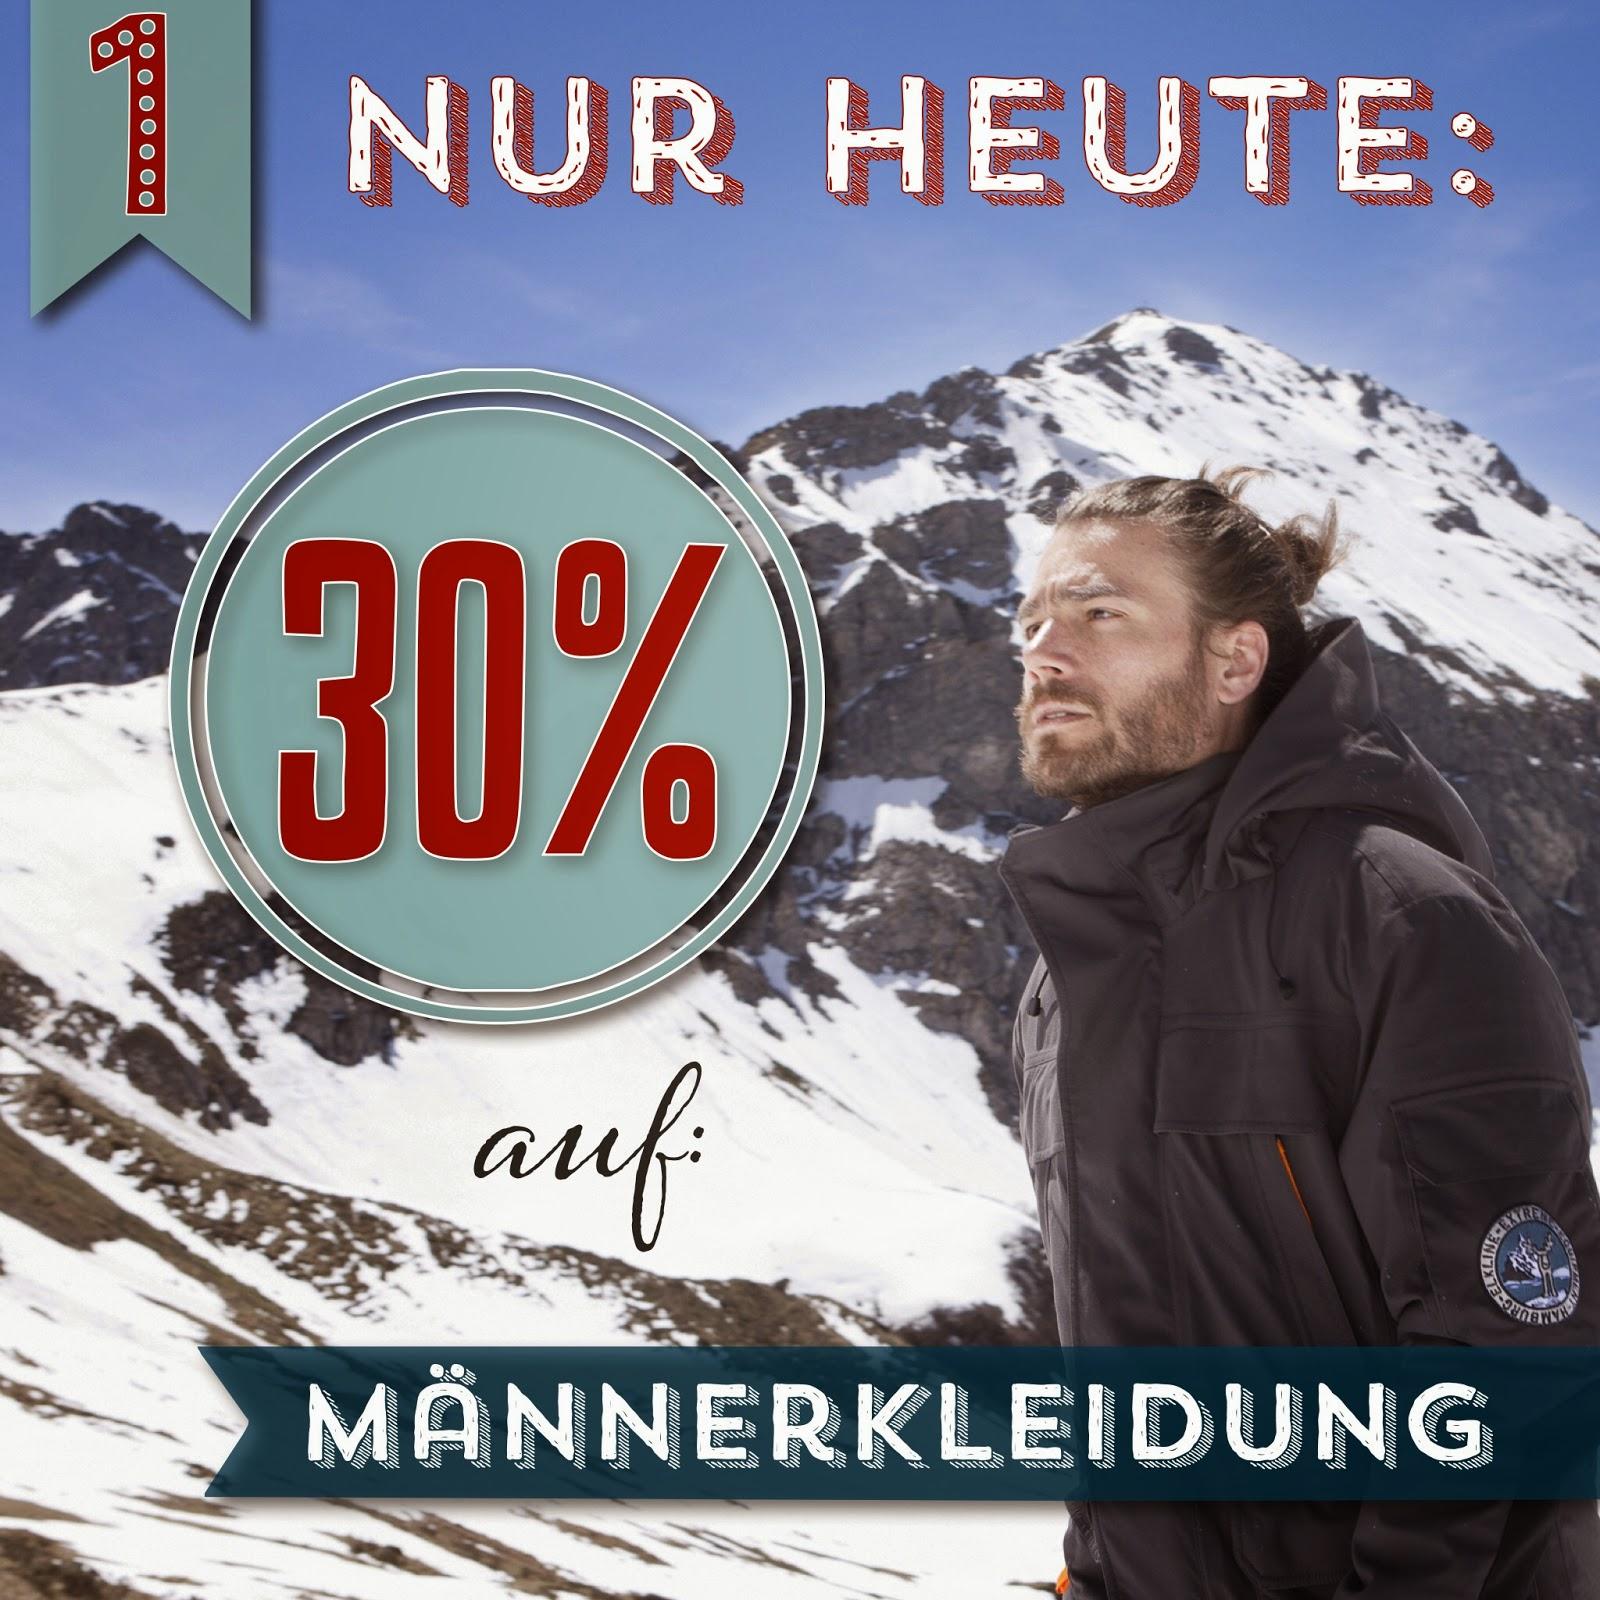 Türchen N°1 im Adventsmirakel - 30% auf Männerkleidung! 2